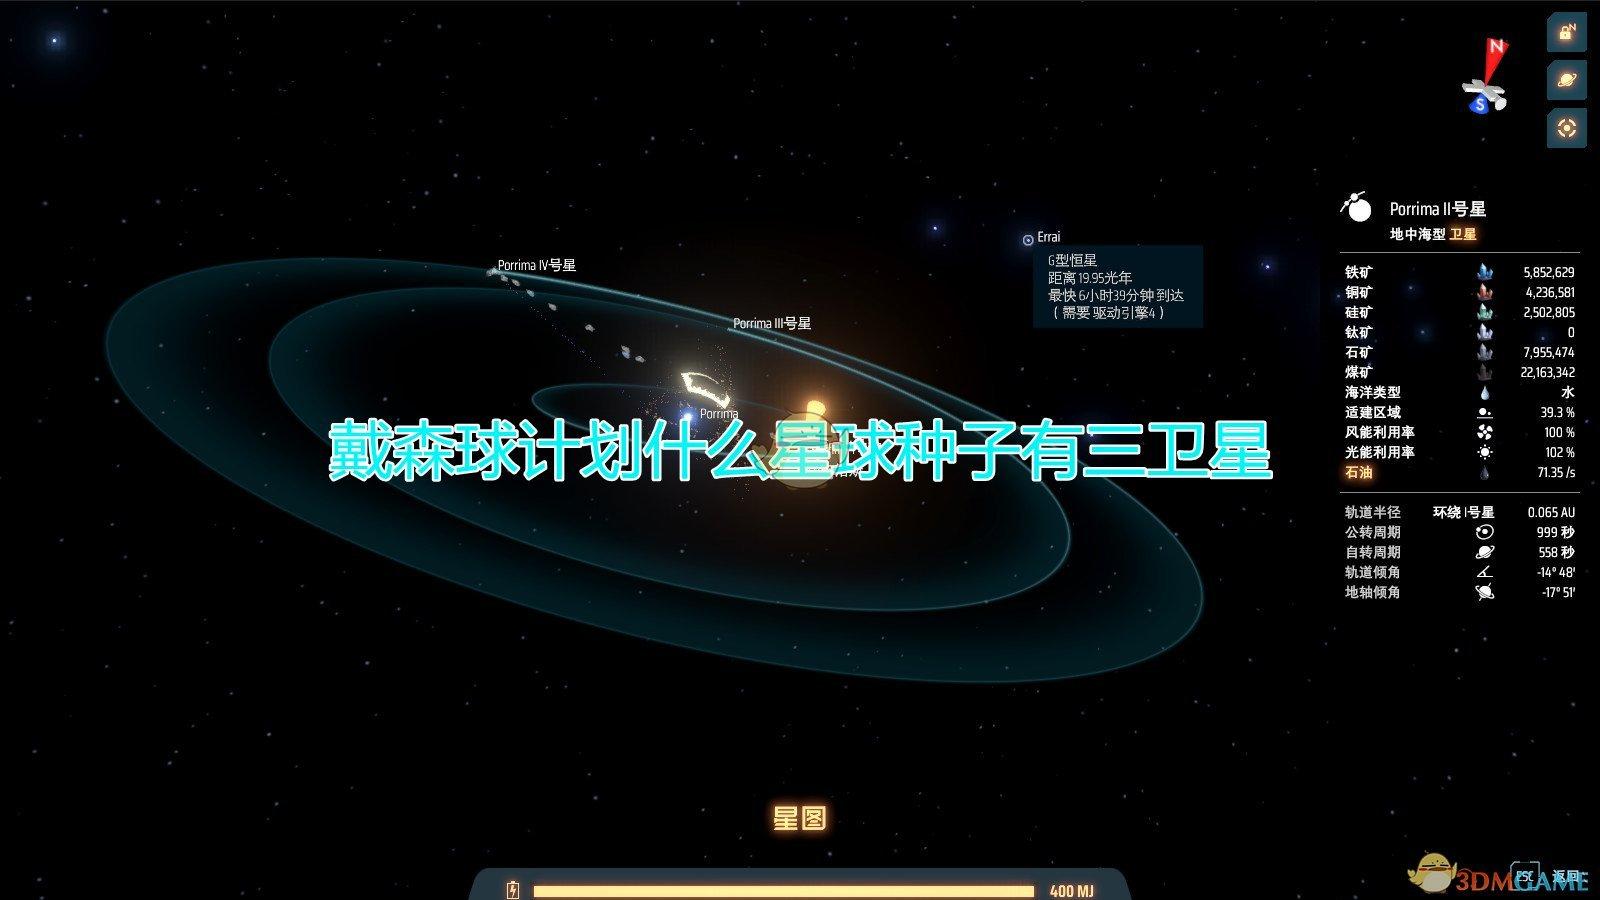 《戴森球计划》三卫星行星种子共享